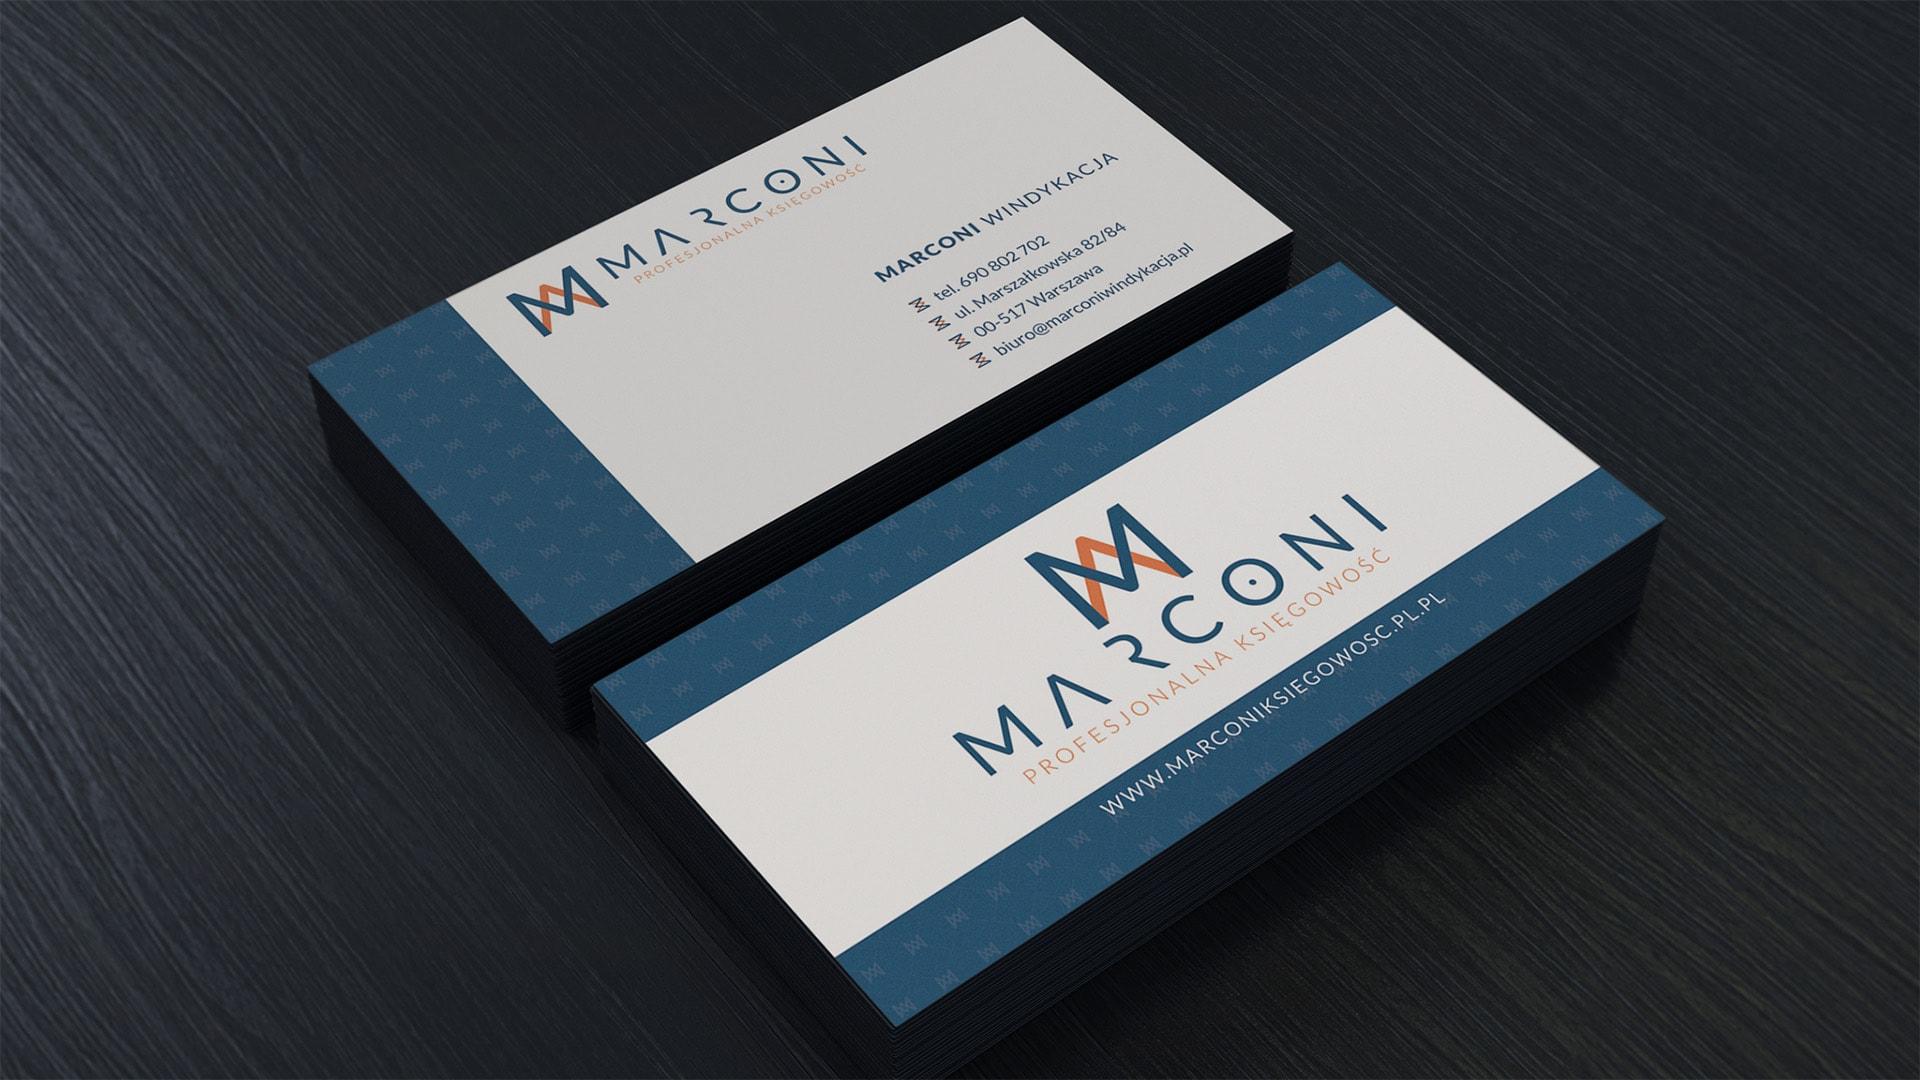 marconi-3-min